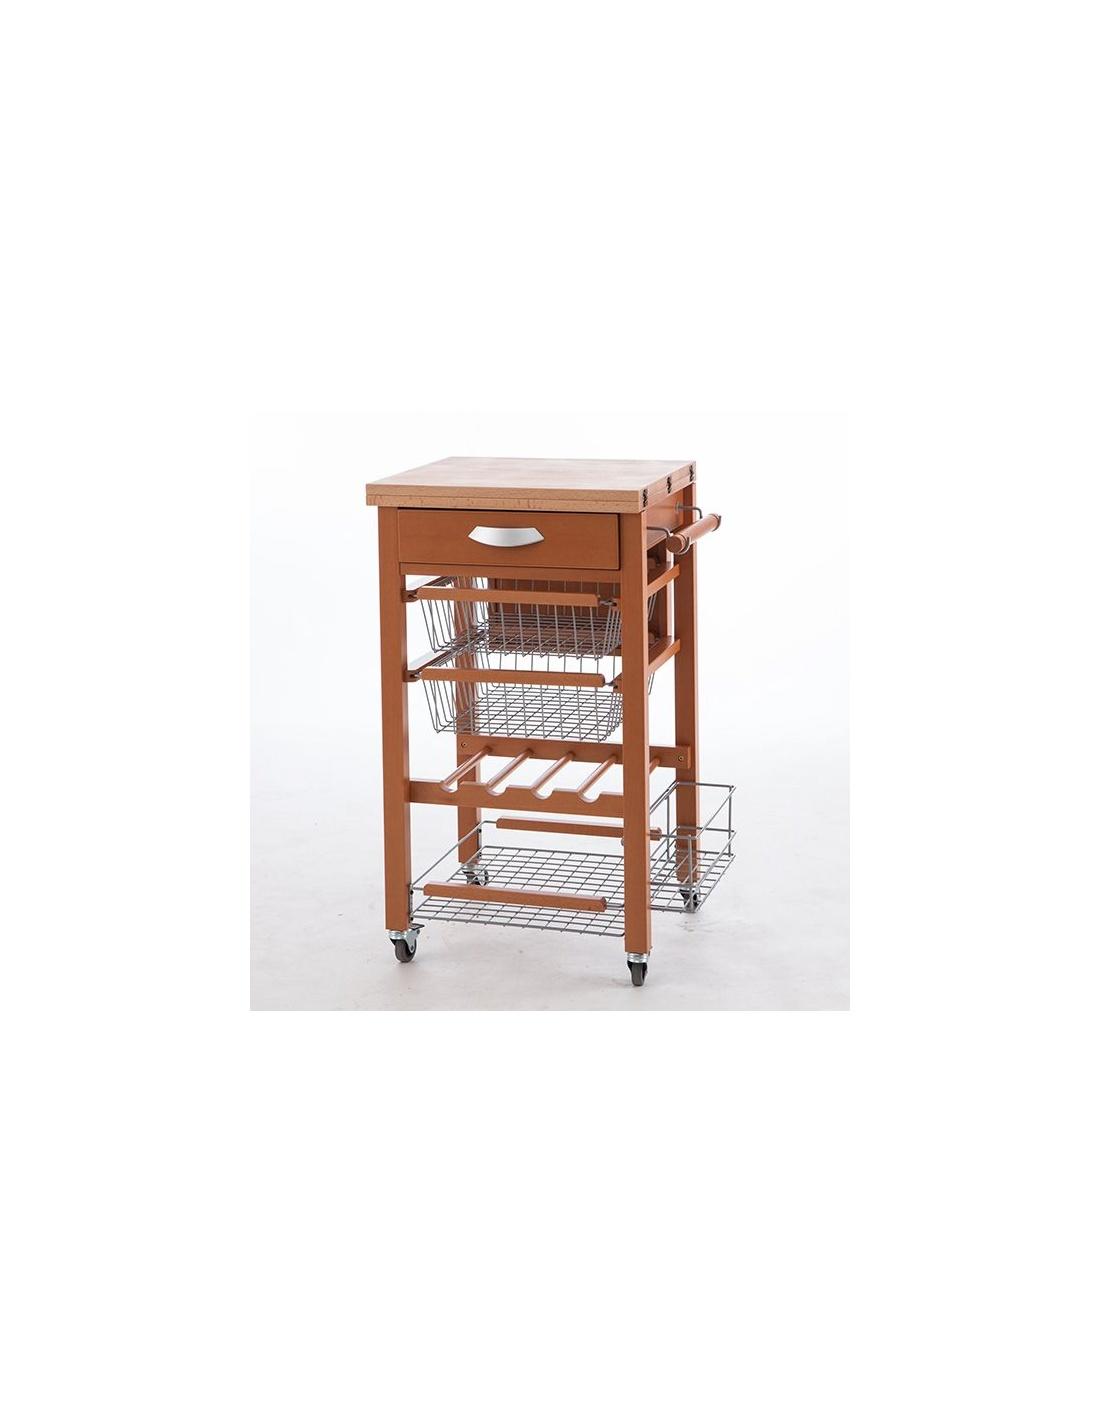 Carrello da cucina in legno modello GASTONE 585 di Arredamenti Italia